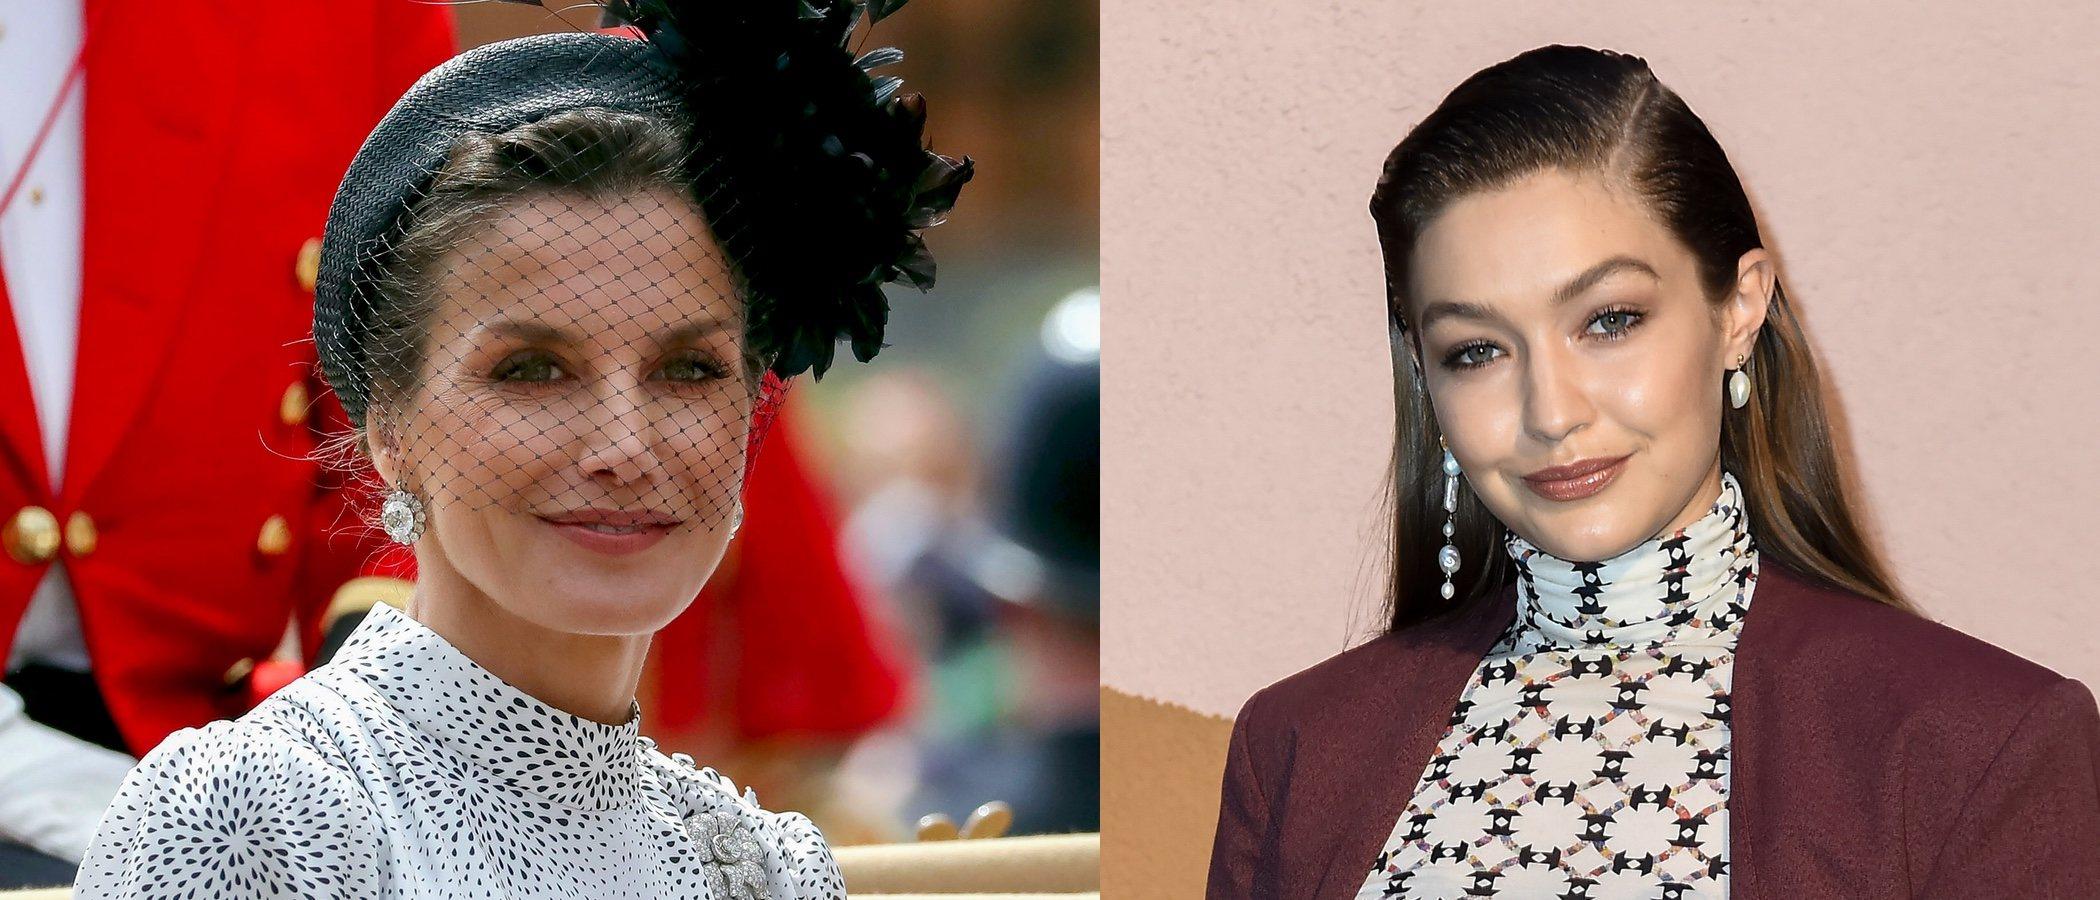 La Reina Letizia y Gigi Hadid sorprenden con los mejores beauty looks de la semana